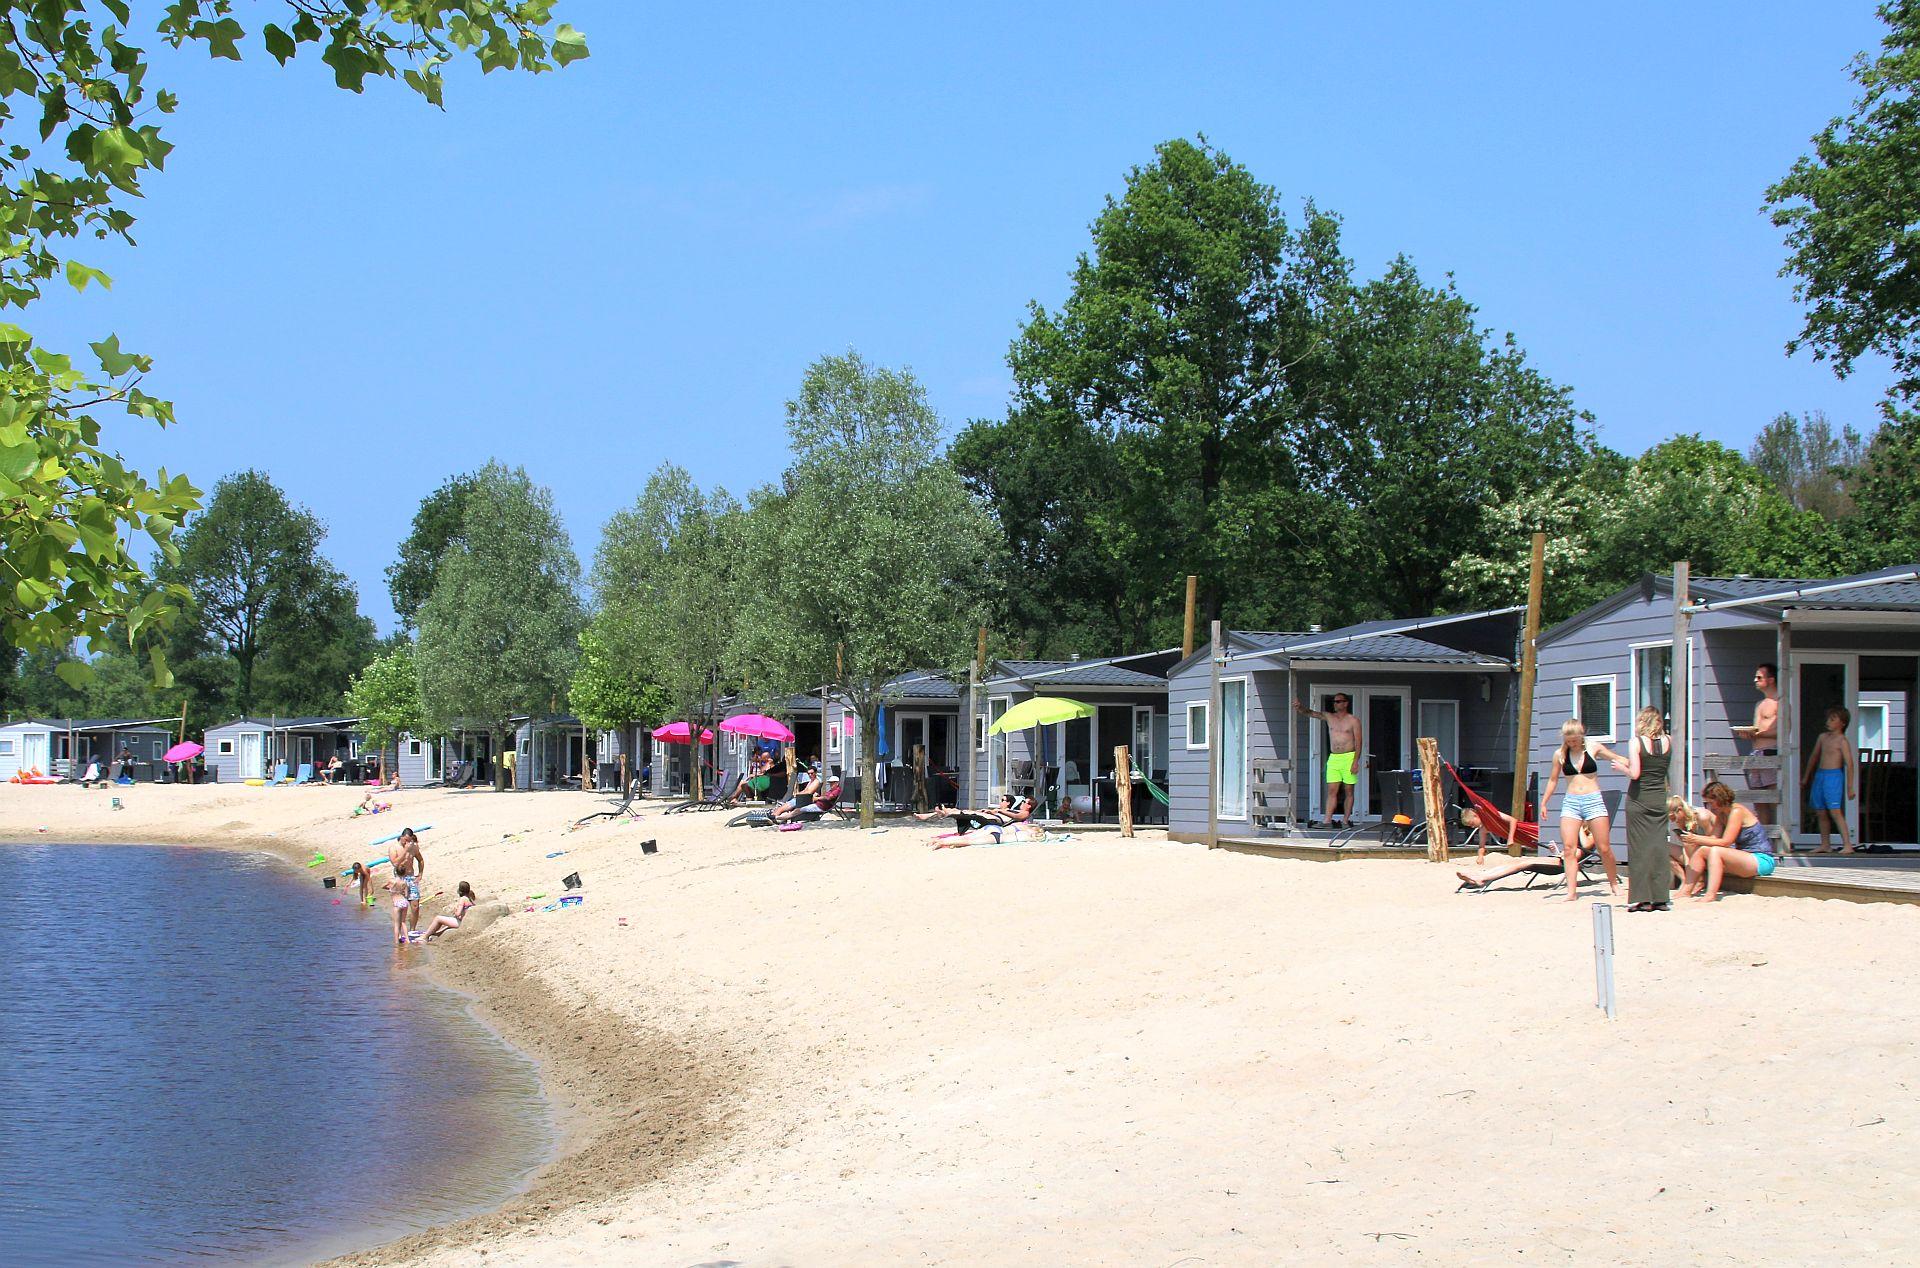 Vakantie in Nederland met kinderen - Vakantie in Nederland met kinderen